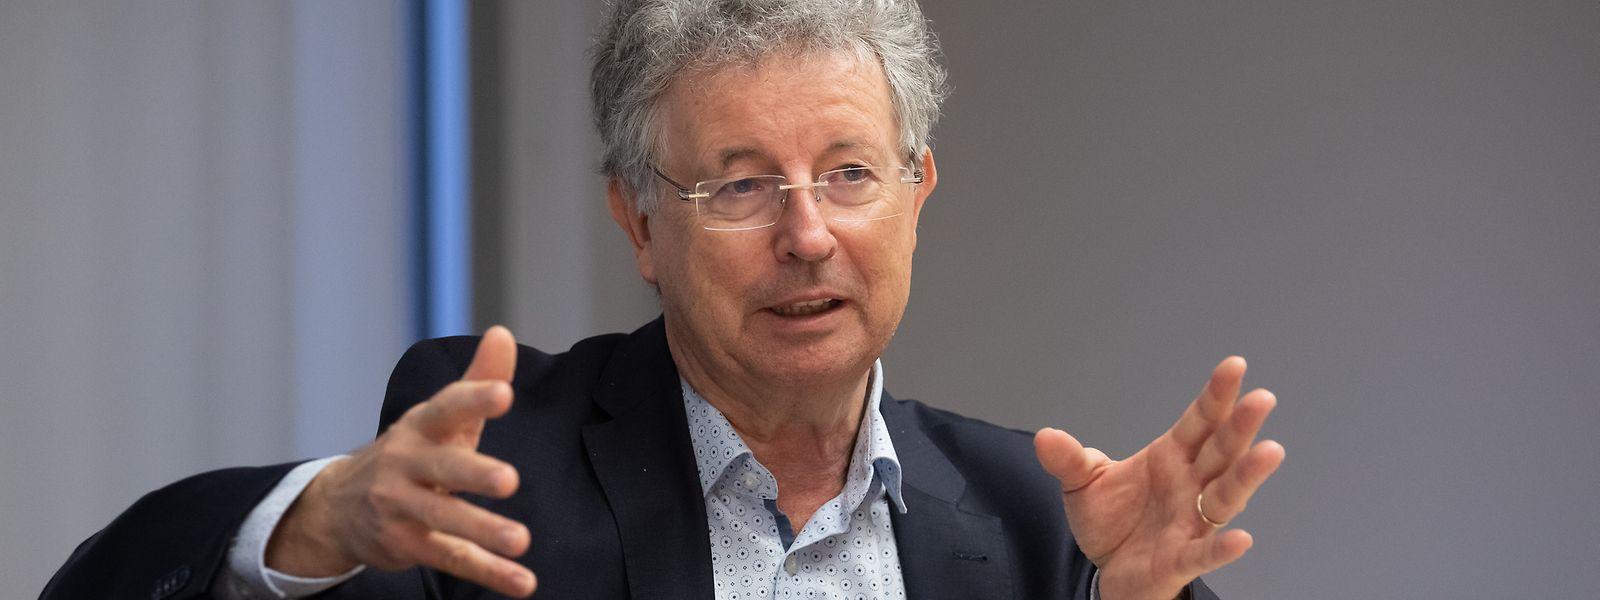 Herausforderung Wohnungsbau: Staat und Gemeinden sind zur Zusammenarbeit verdammt, betont Syvicol-Präsident Emile Eicher (CSV).